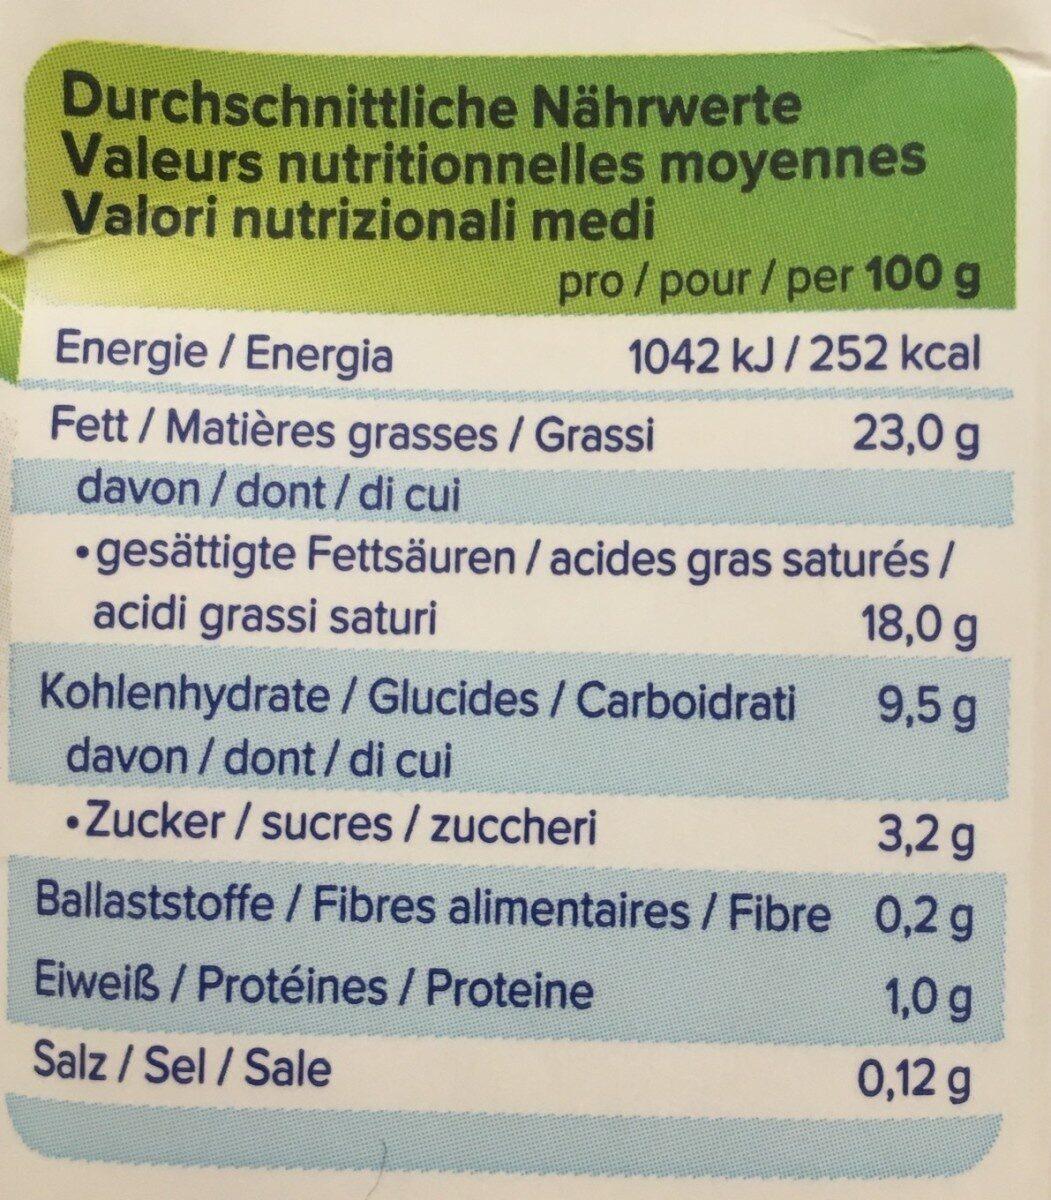 Alpro cuisine soja - Voedingswaarden - fr